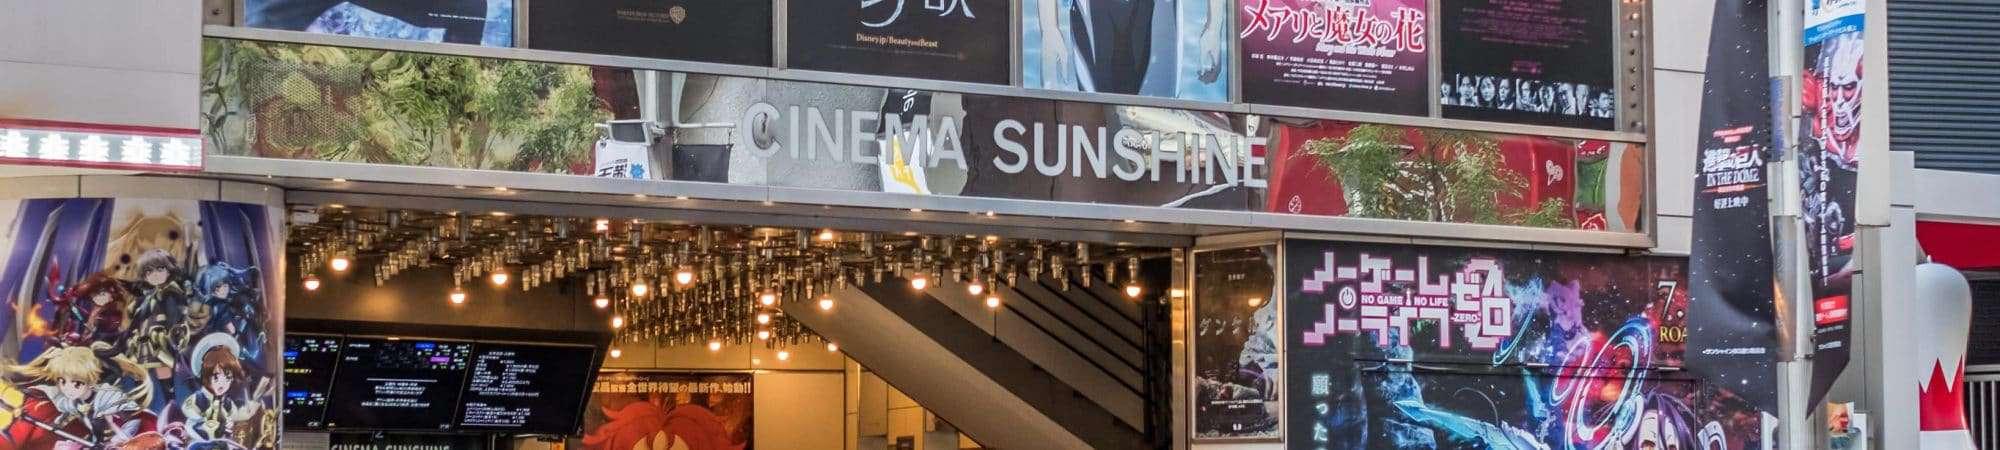 Cinema em Ikebukuro, distrito comercial e de entretenimento localizado em Toshima, Tóquio. Imagem: MAHATHIR MOHD YASIN / Shutterstock.com